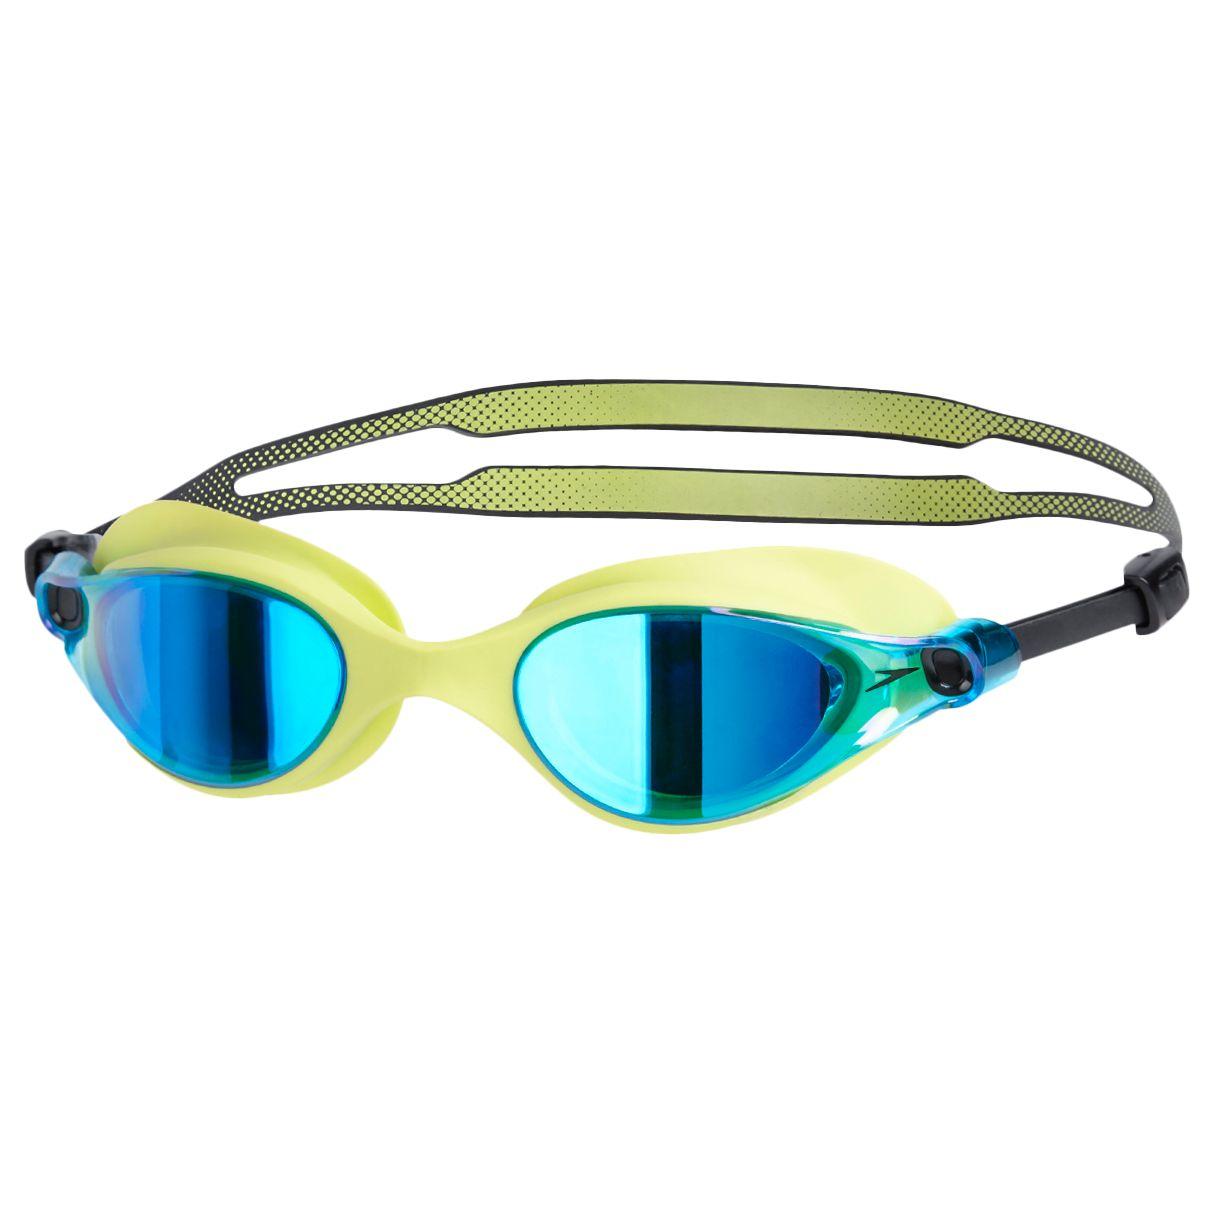 Speedo Speedo V-Class Swimming Goggles, Yellow